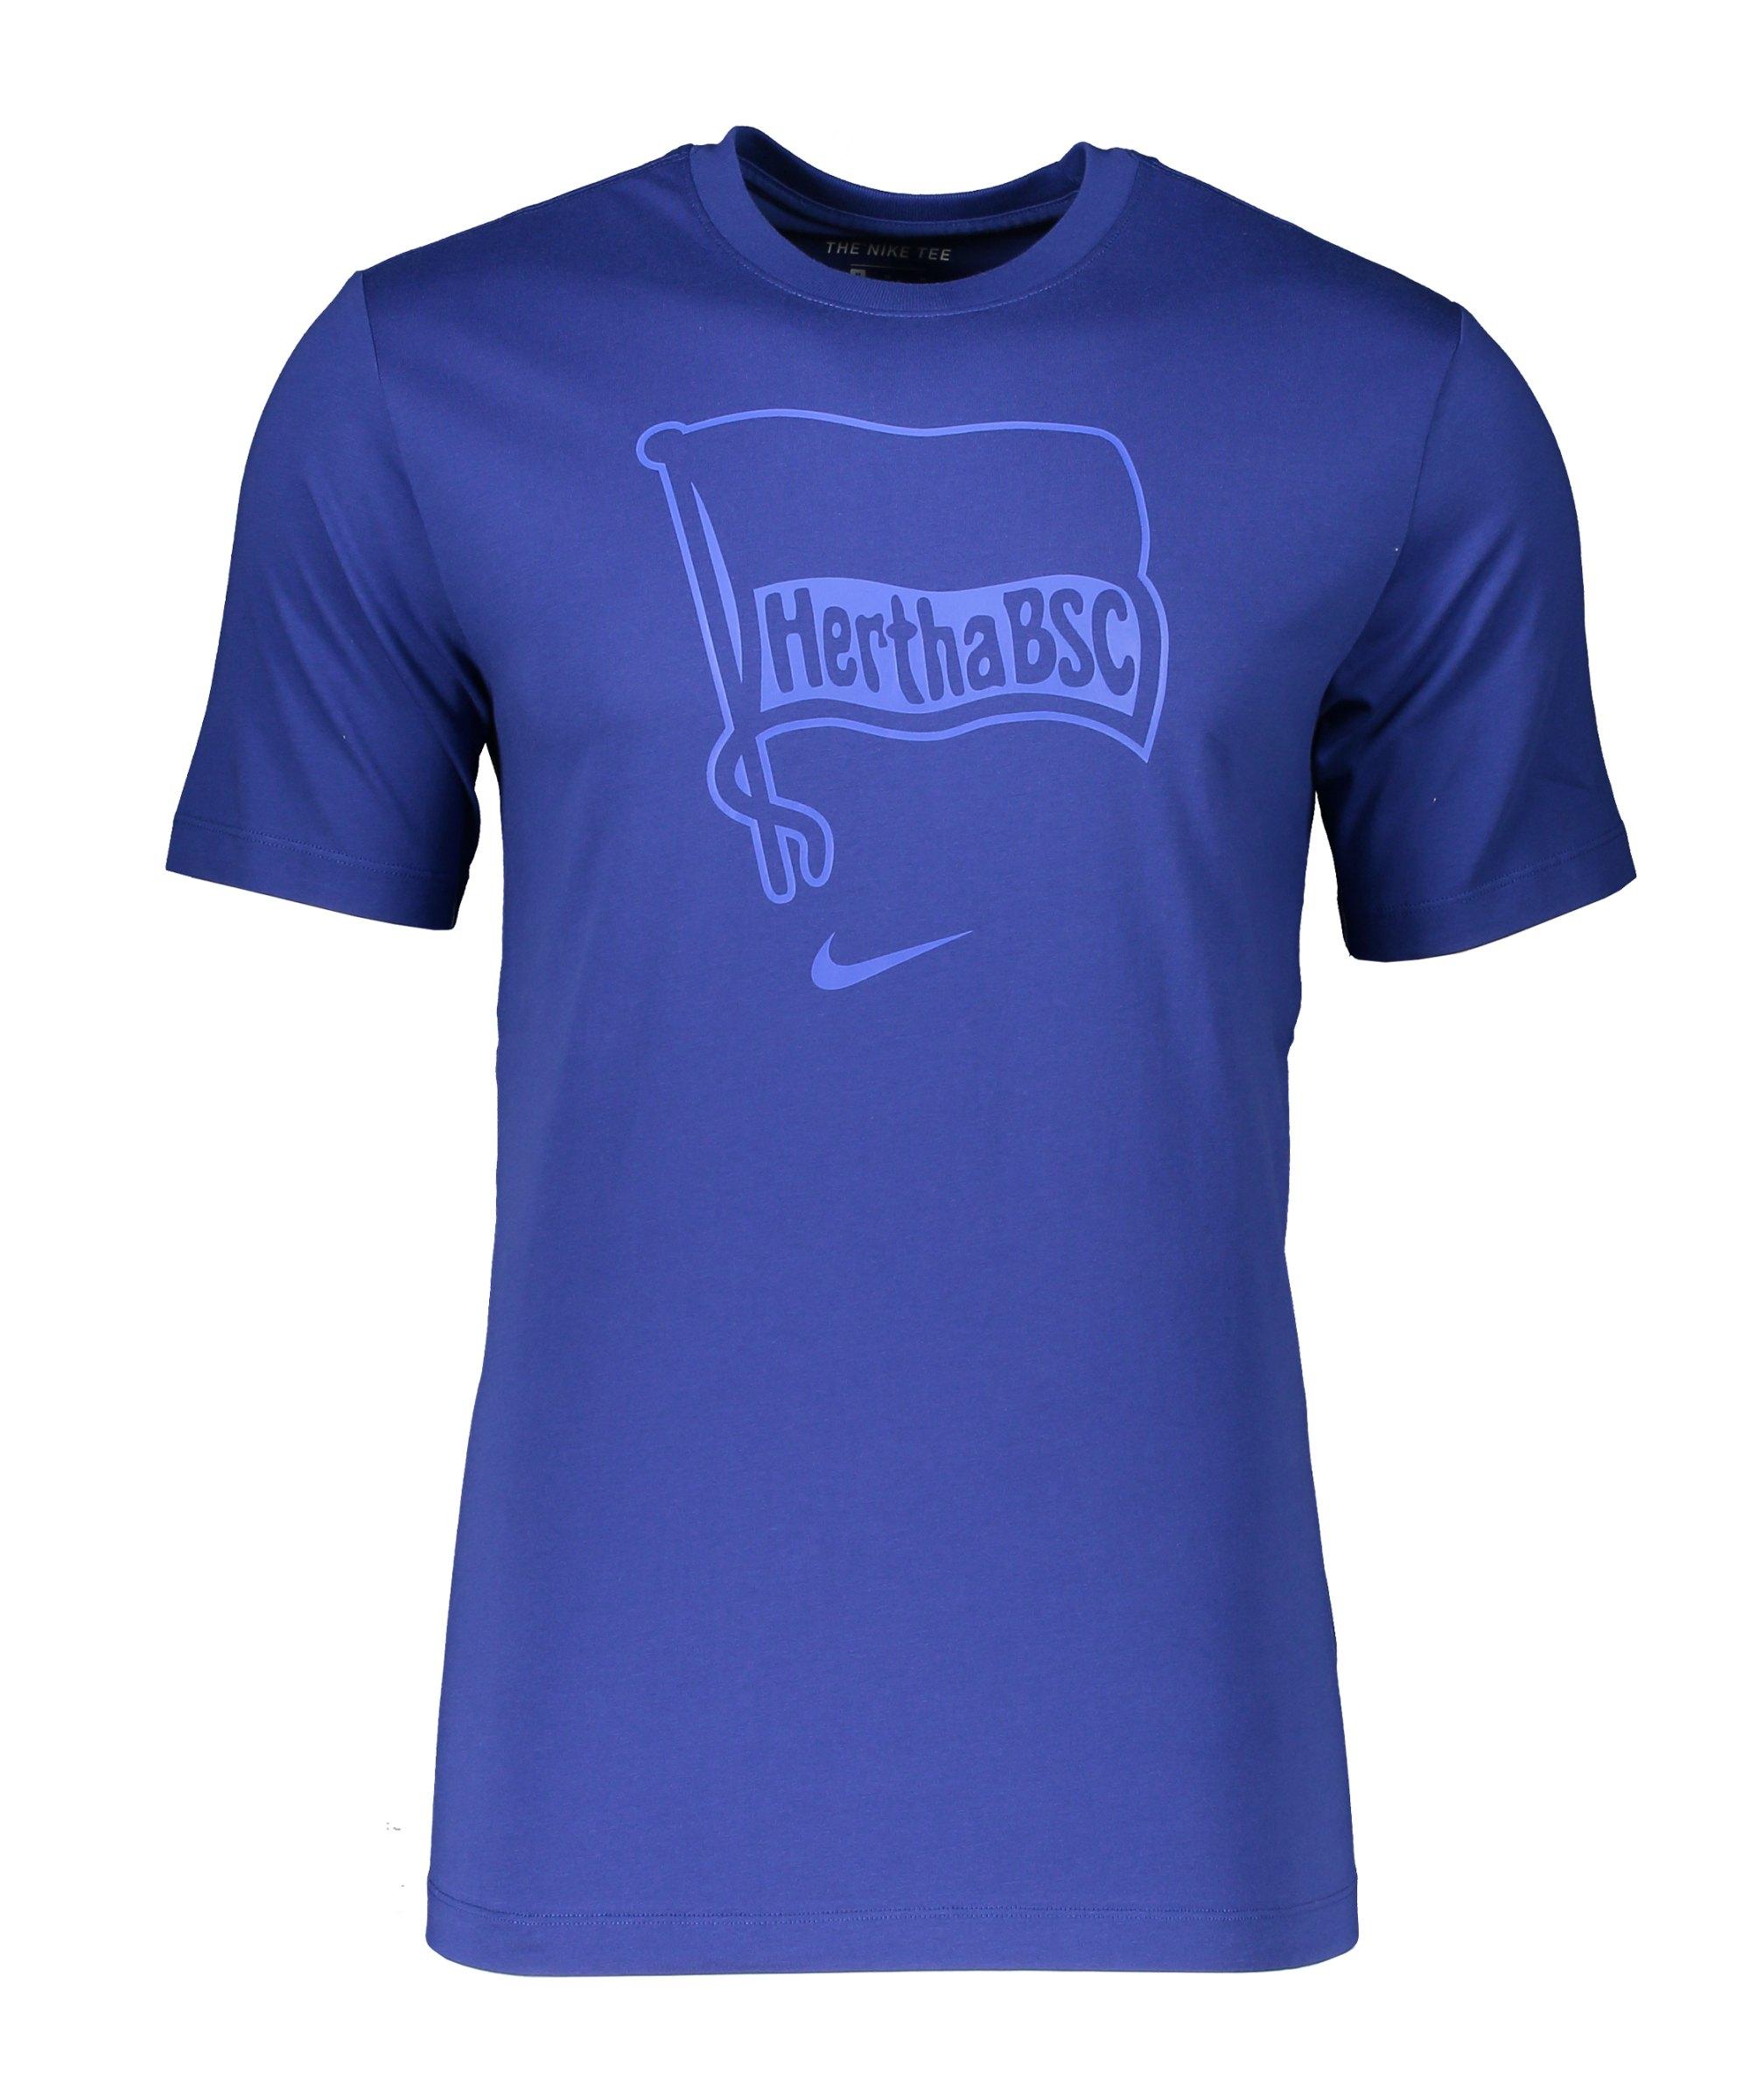 Nike Hertha BSC Berlin Evergreen T-Shirt Blau F455 - blau